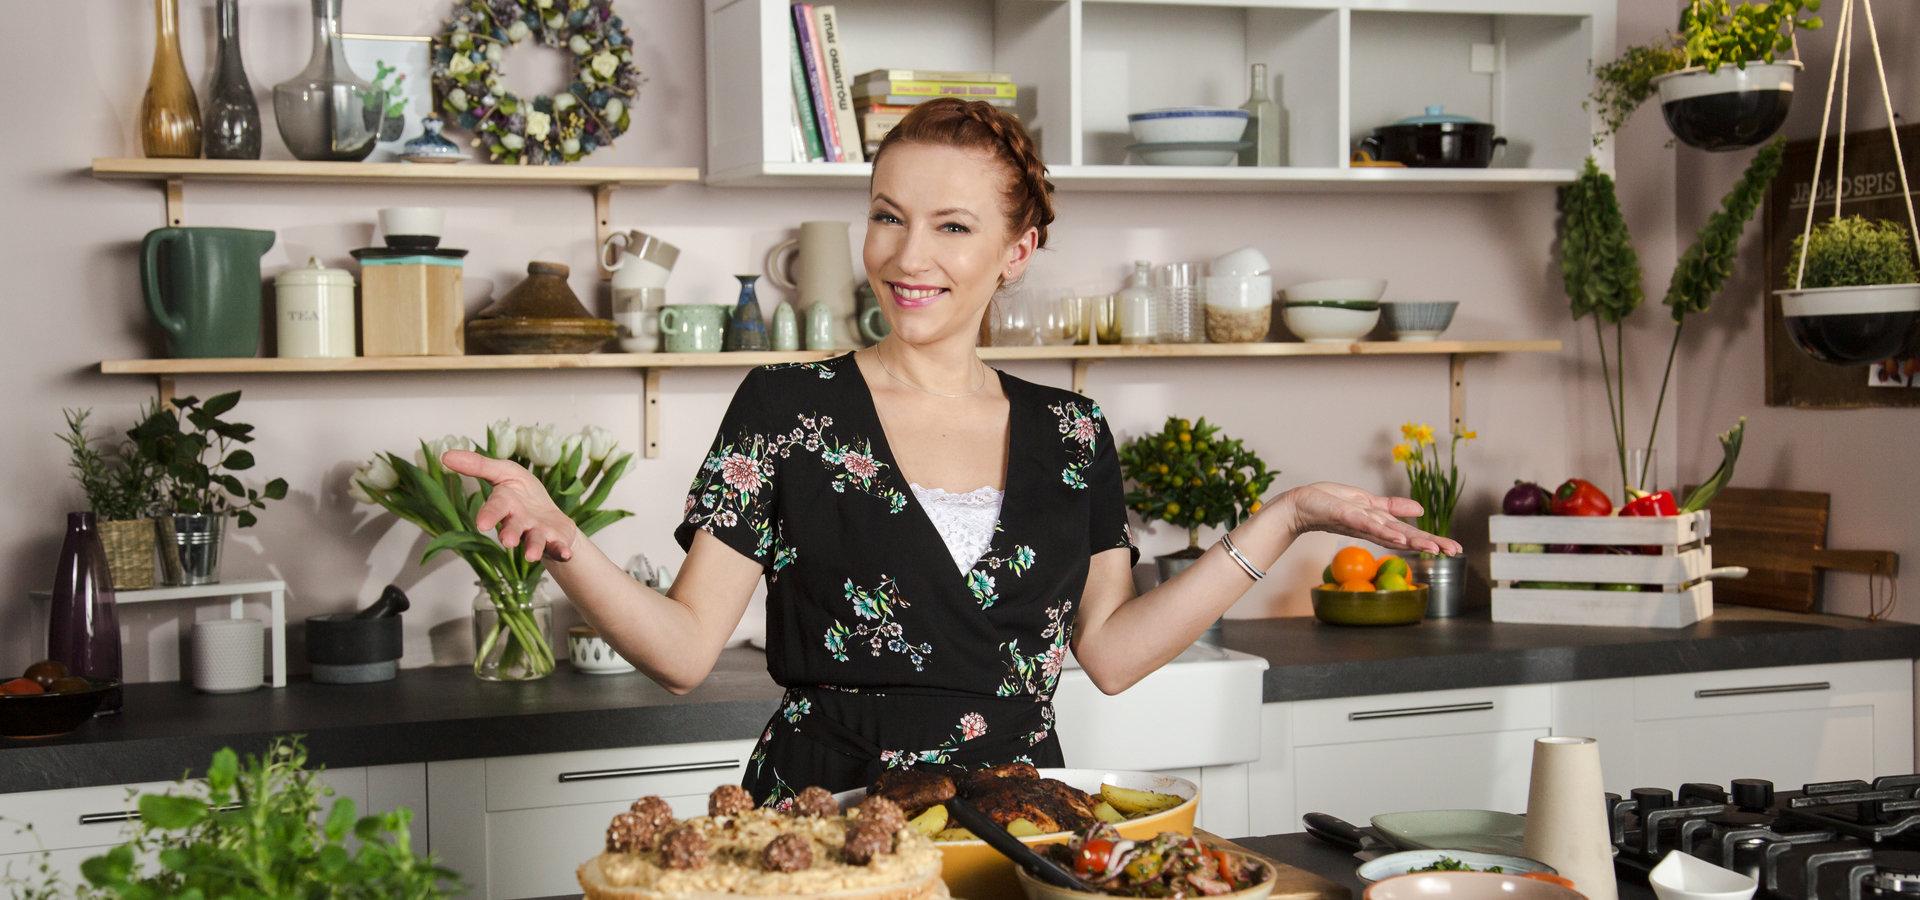 Inspiracje na domowe gotowanie z Marietą Marecką